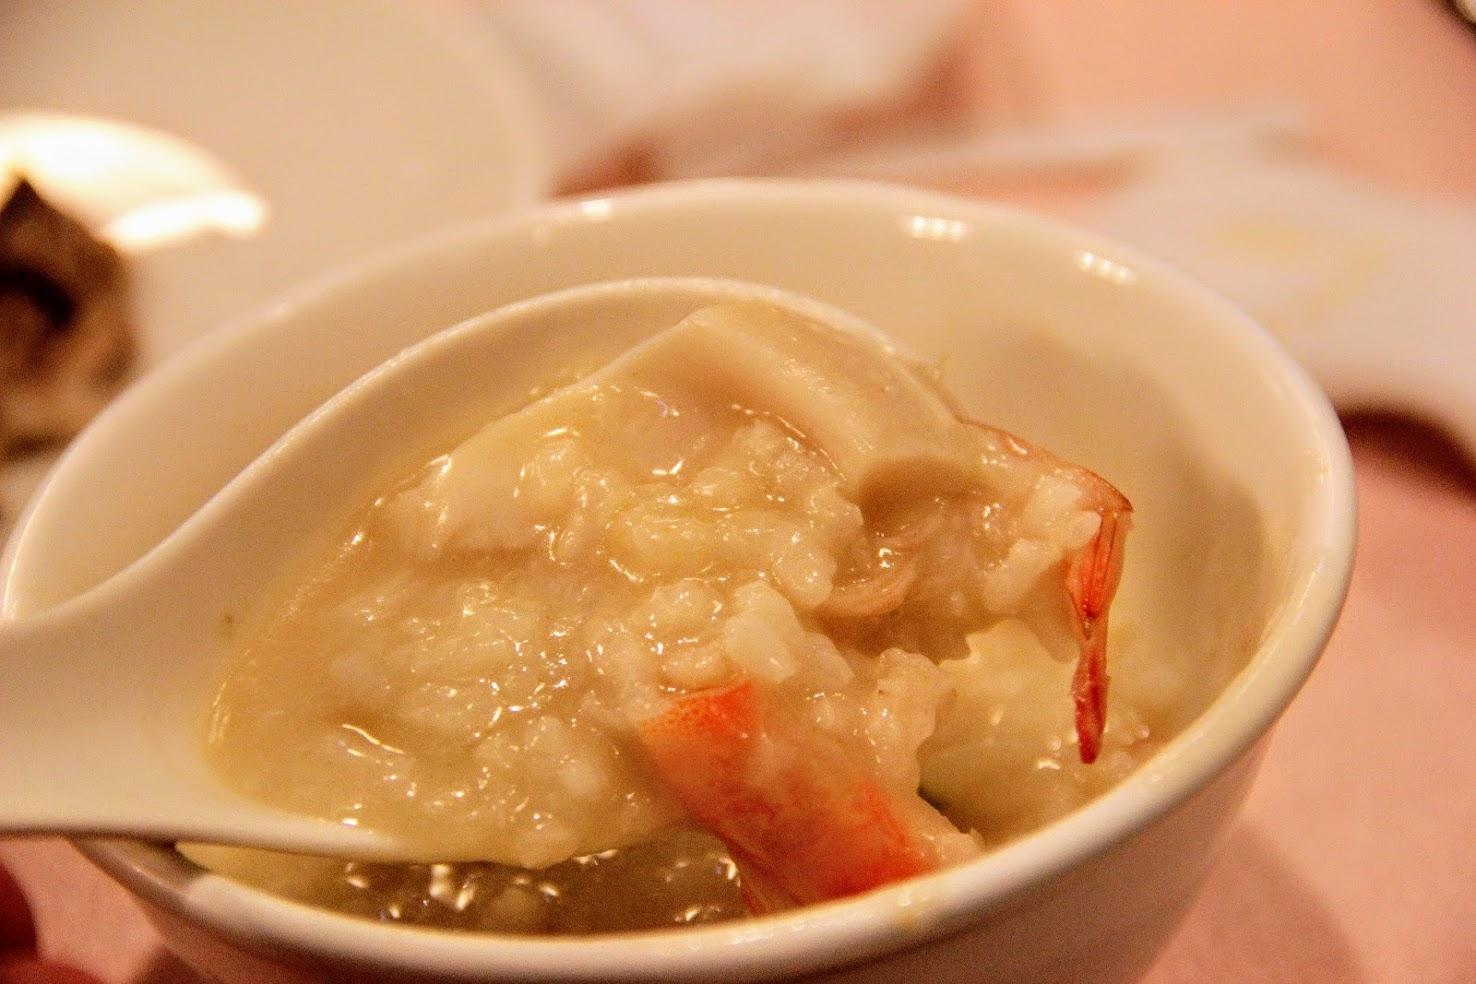 鮑魚粥,裏頭就變成鮑魚塊囉! 跟蟹膏粥相比,鮑魚粥清淡許多,也少了點甜味,不過還是不錯吃